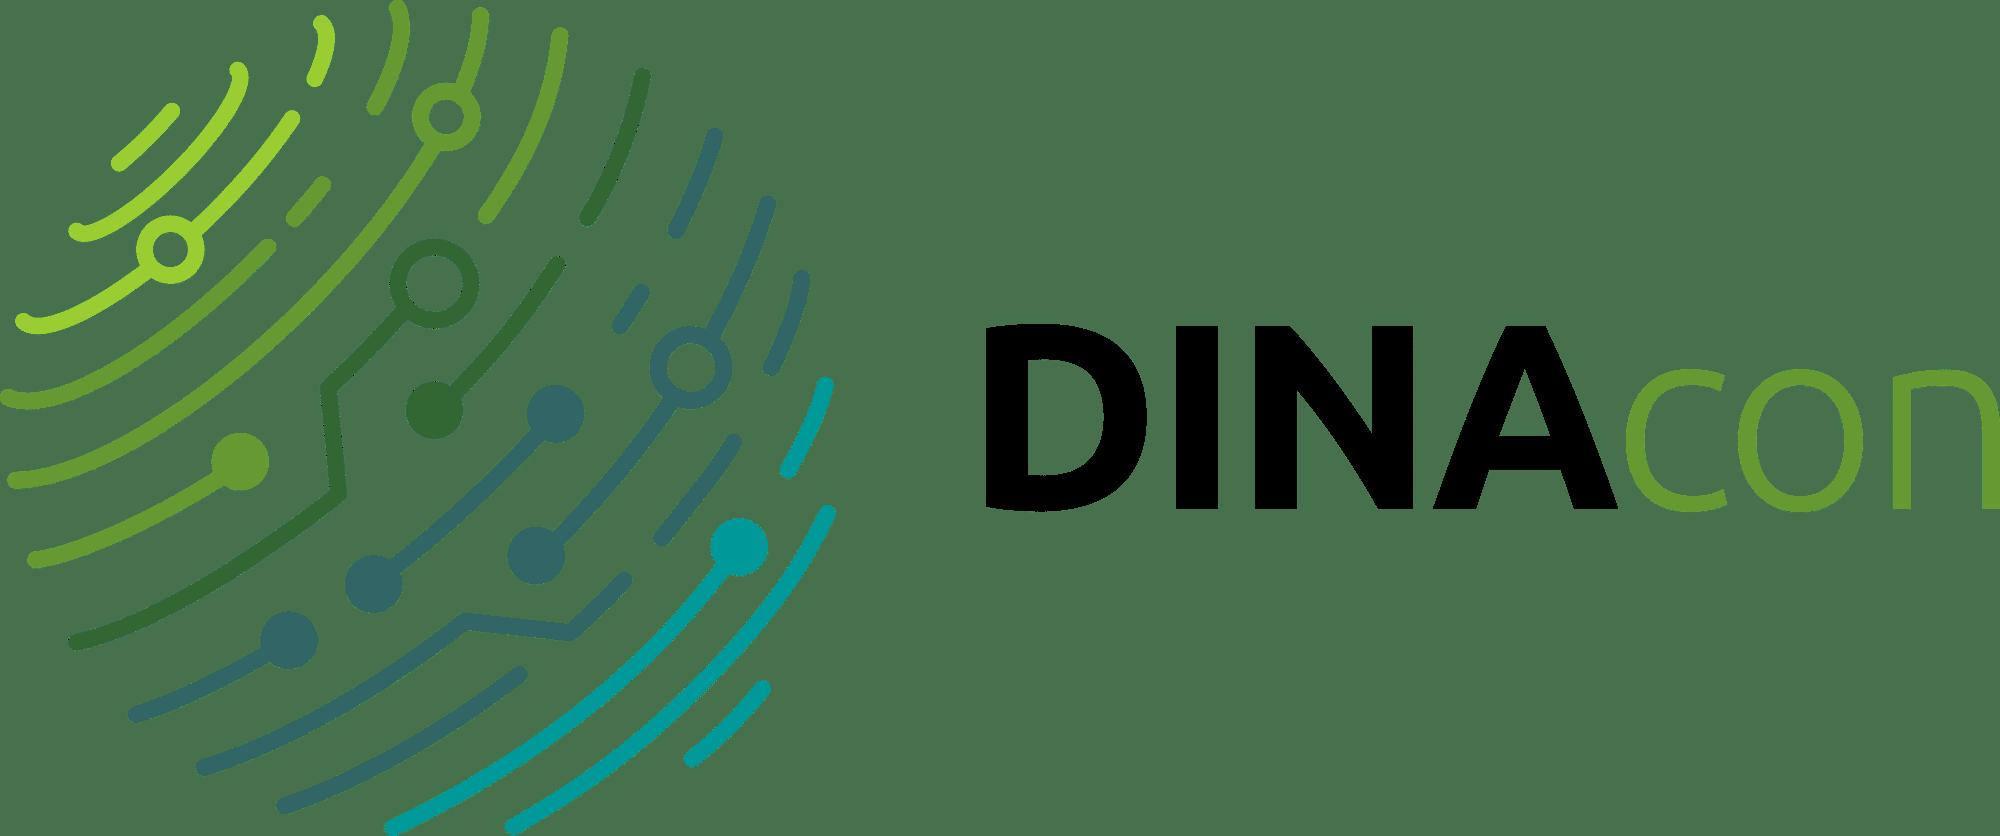 DINAcon